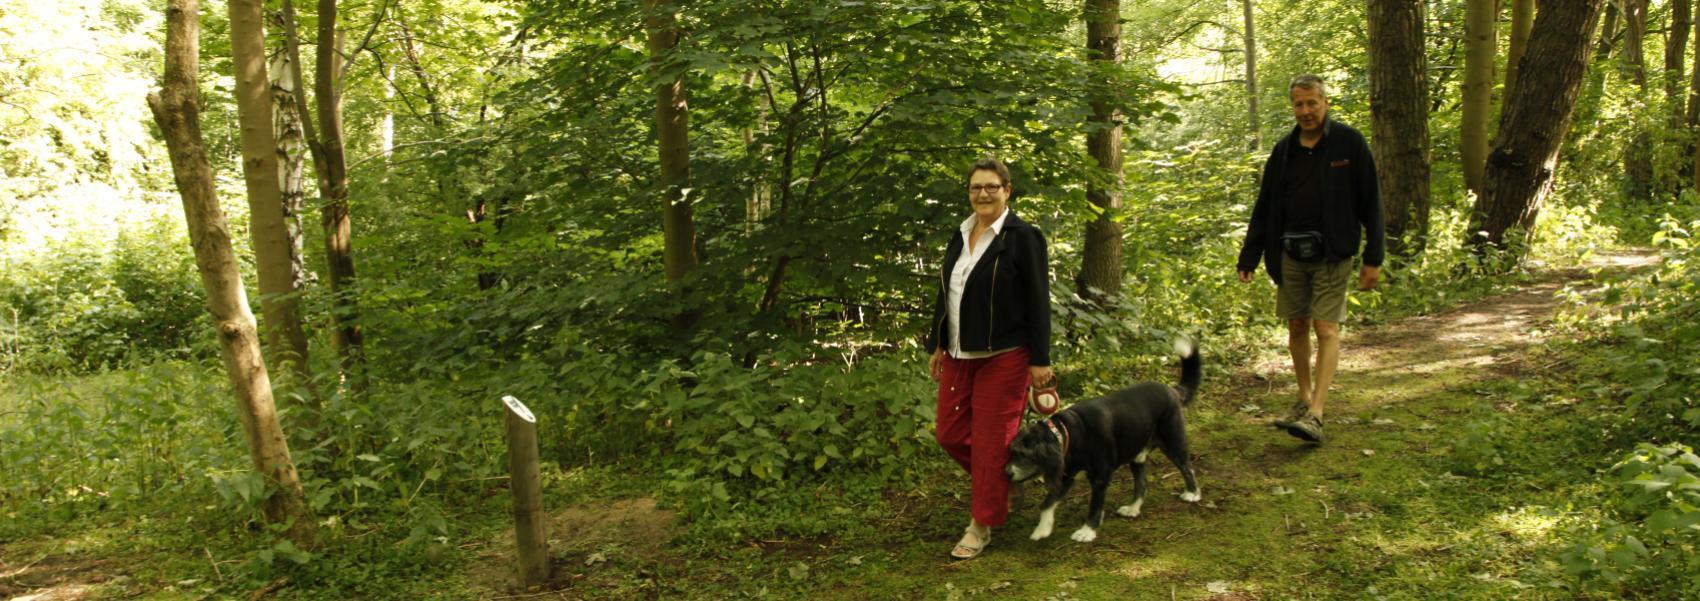 2 wandelaars met een hond